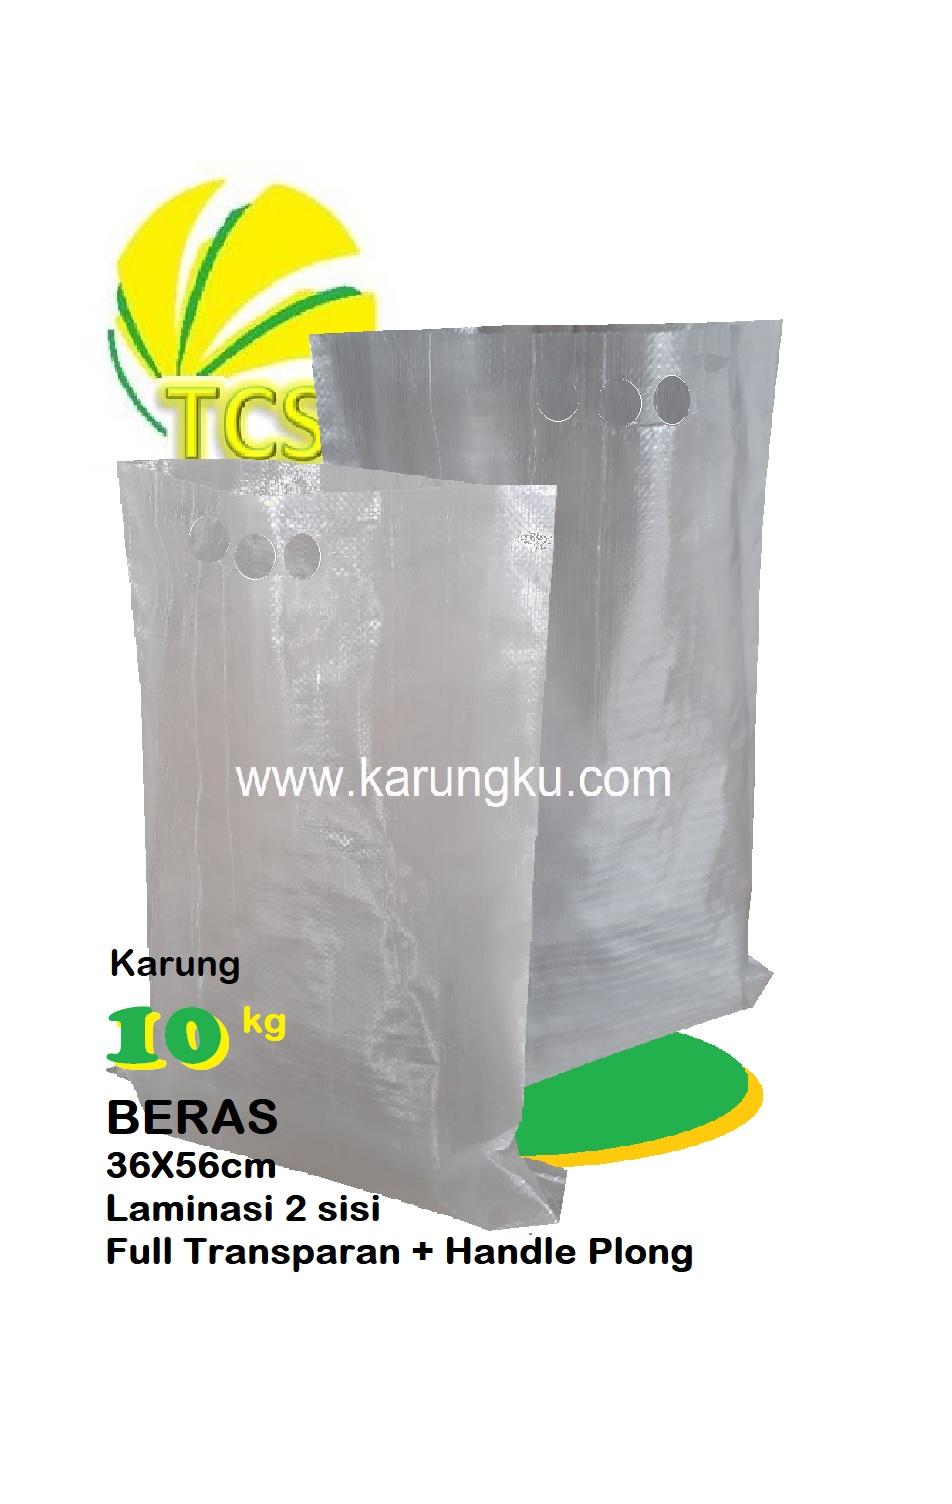 10kgL-e